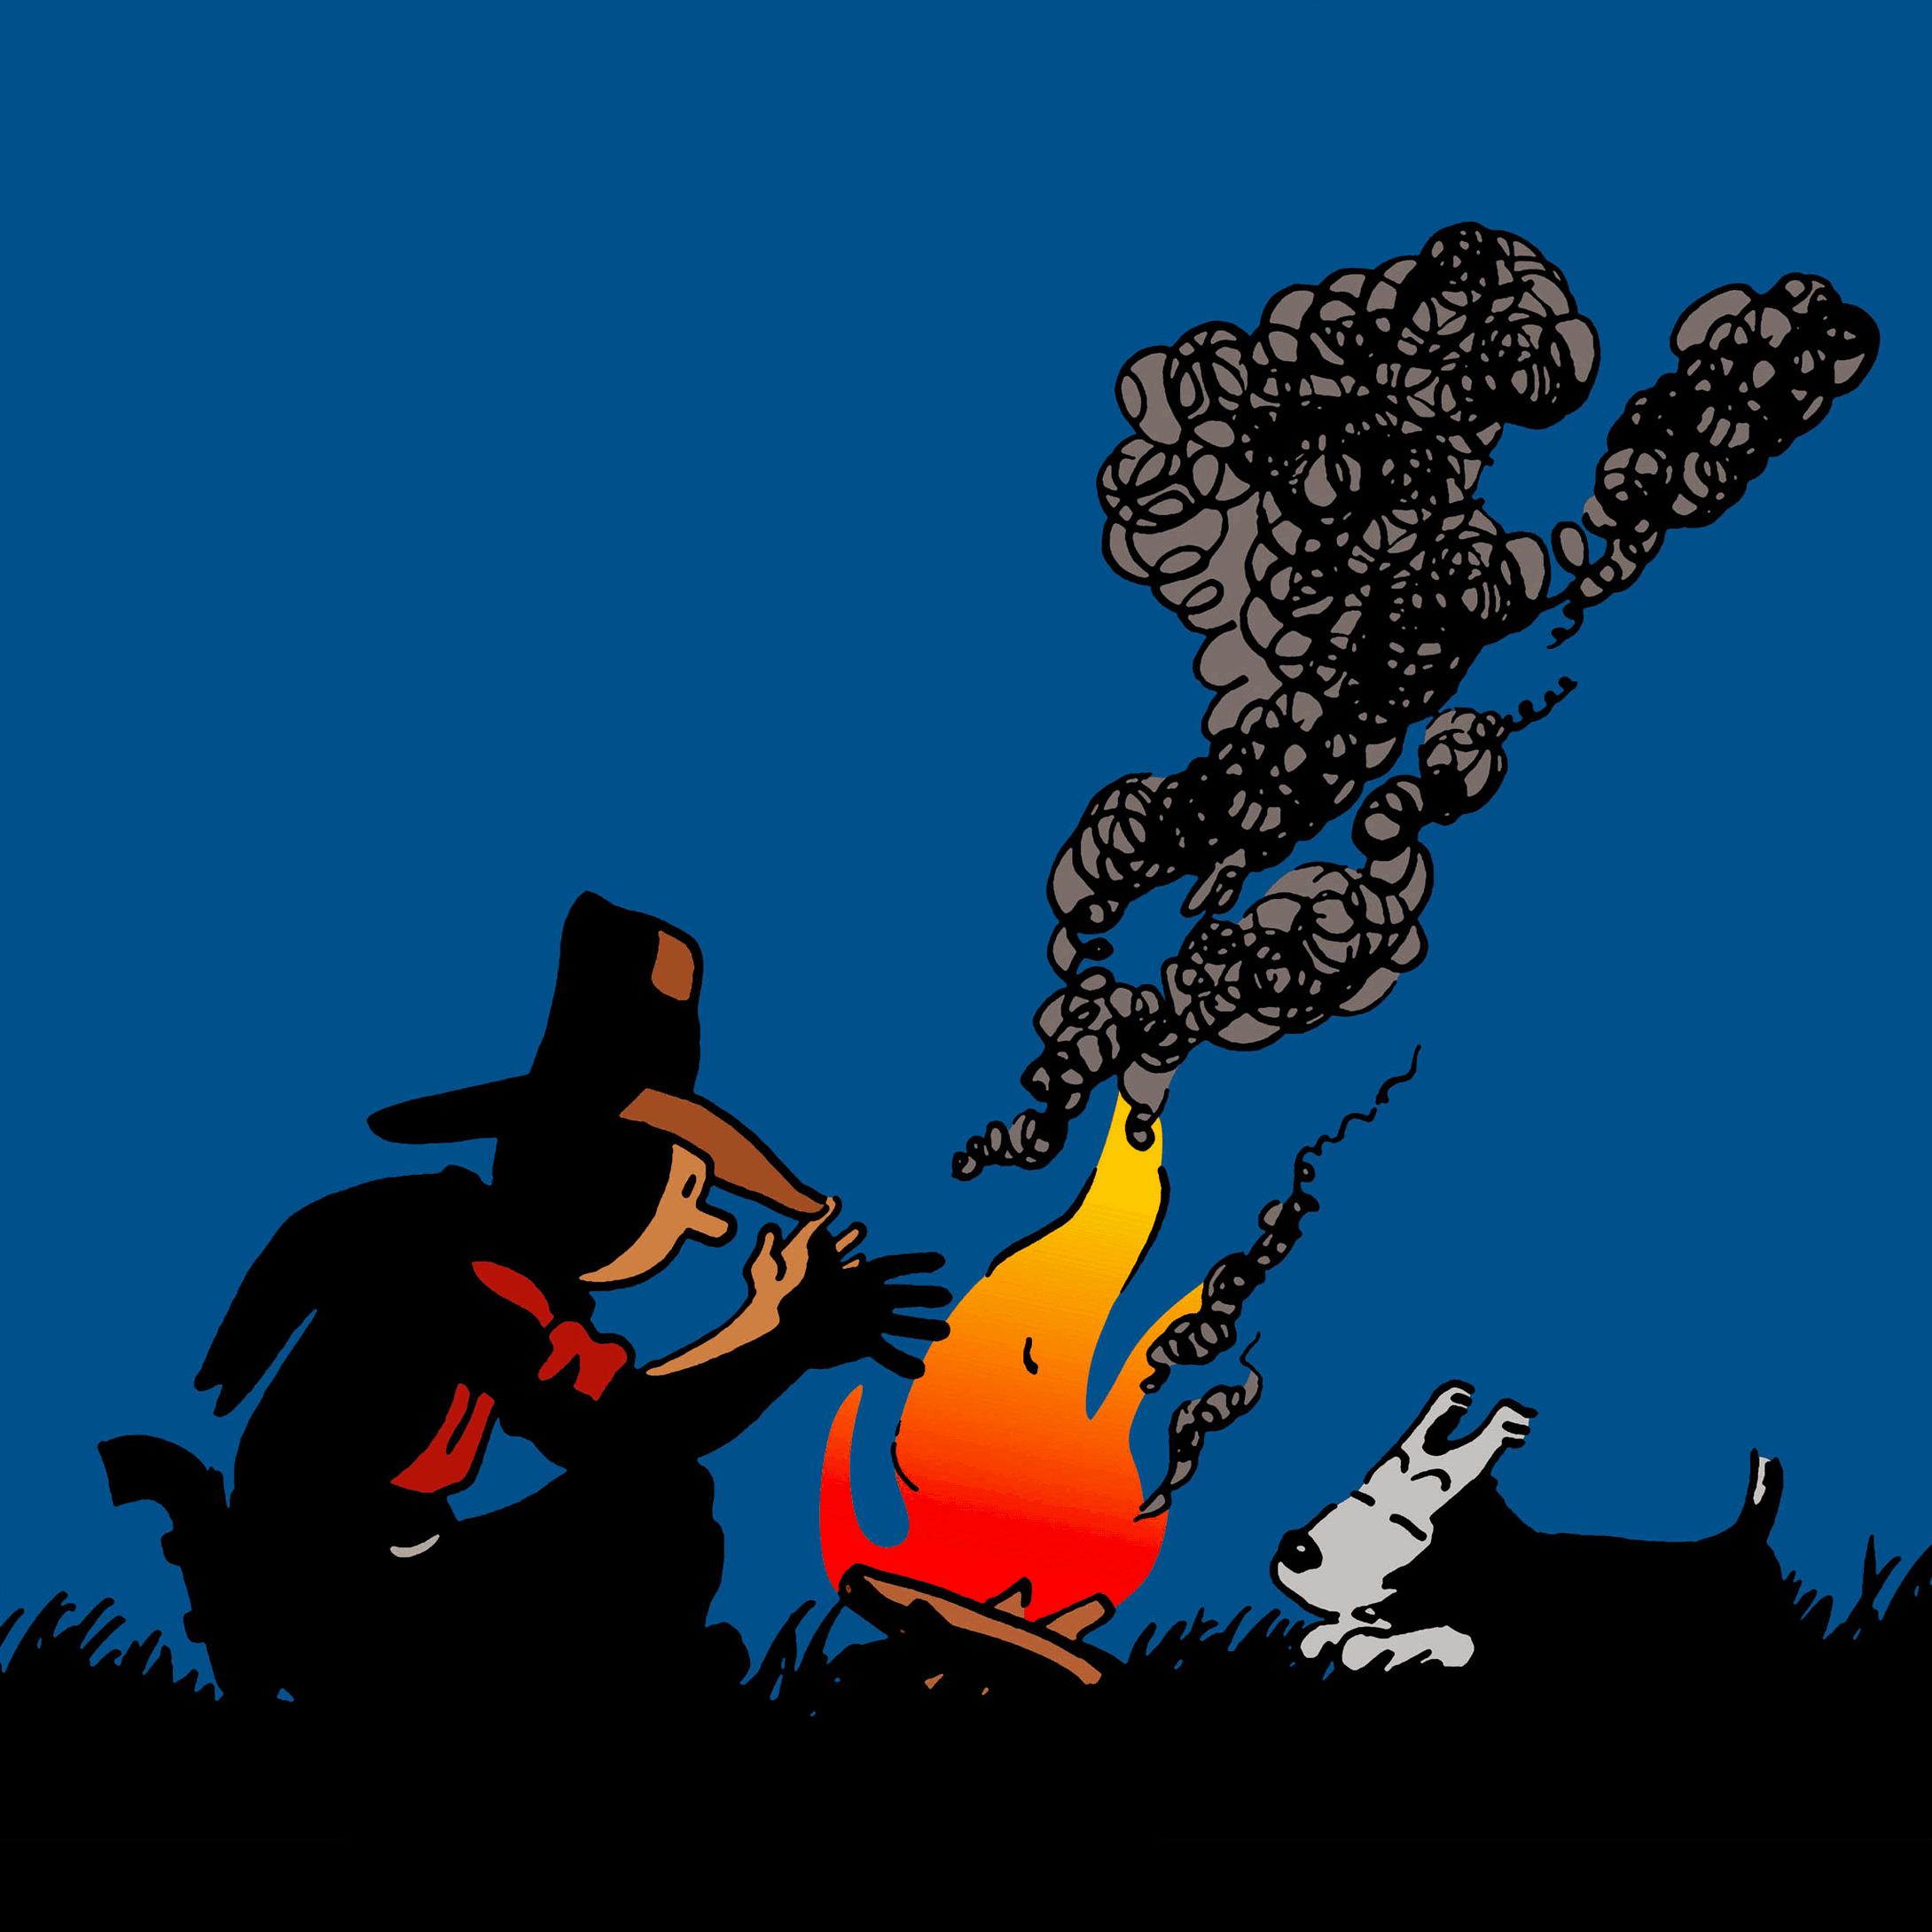 Tintin in America - Tintin and Snowy